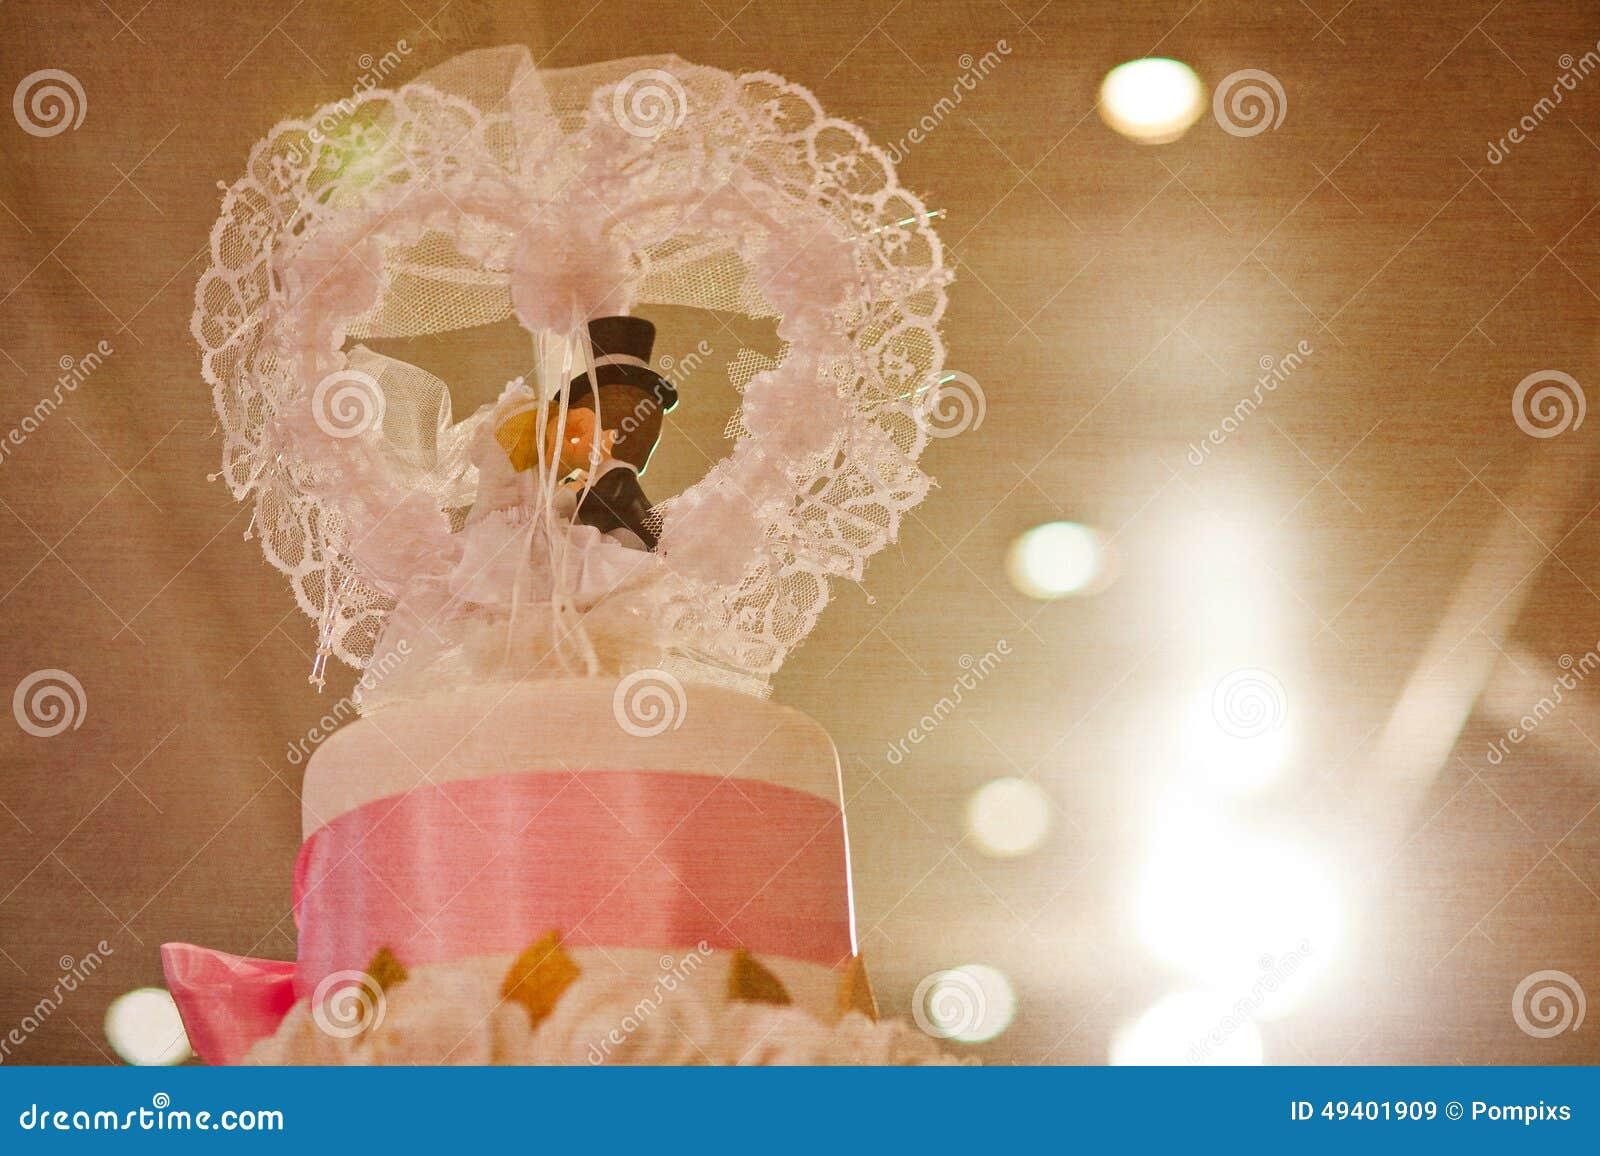 Download Spitze Des Kuchens Für Hochzeitszeremonie, Gefiltert Stockbild - Bild von blume, dekor: 49401909